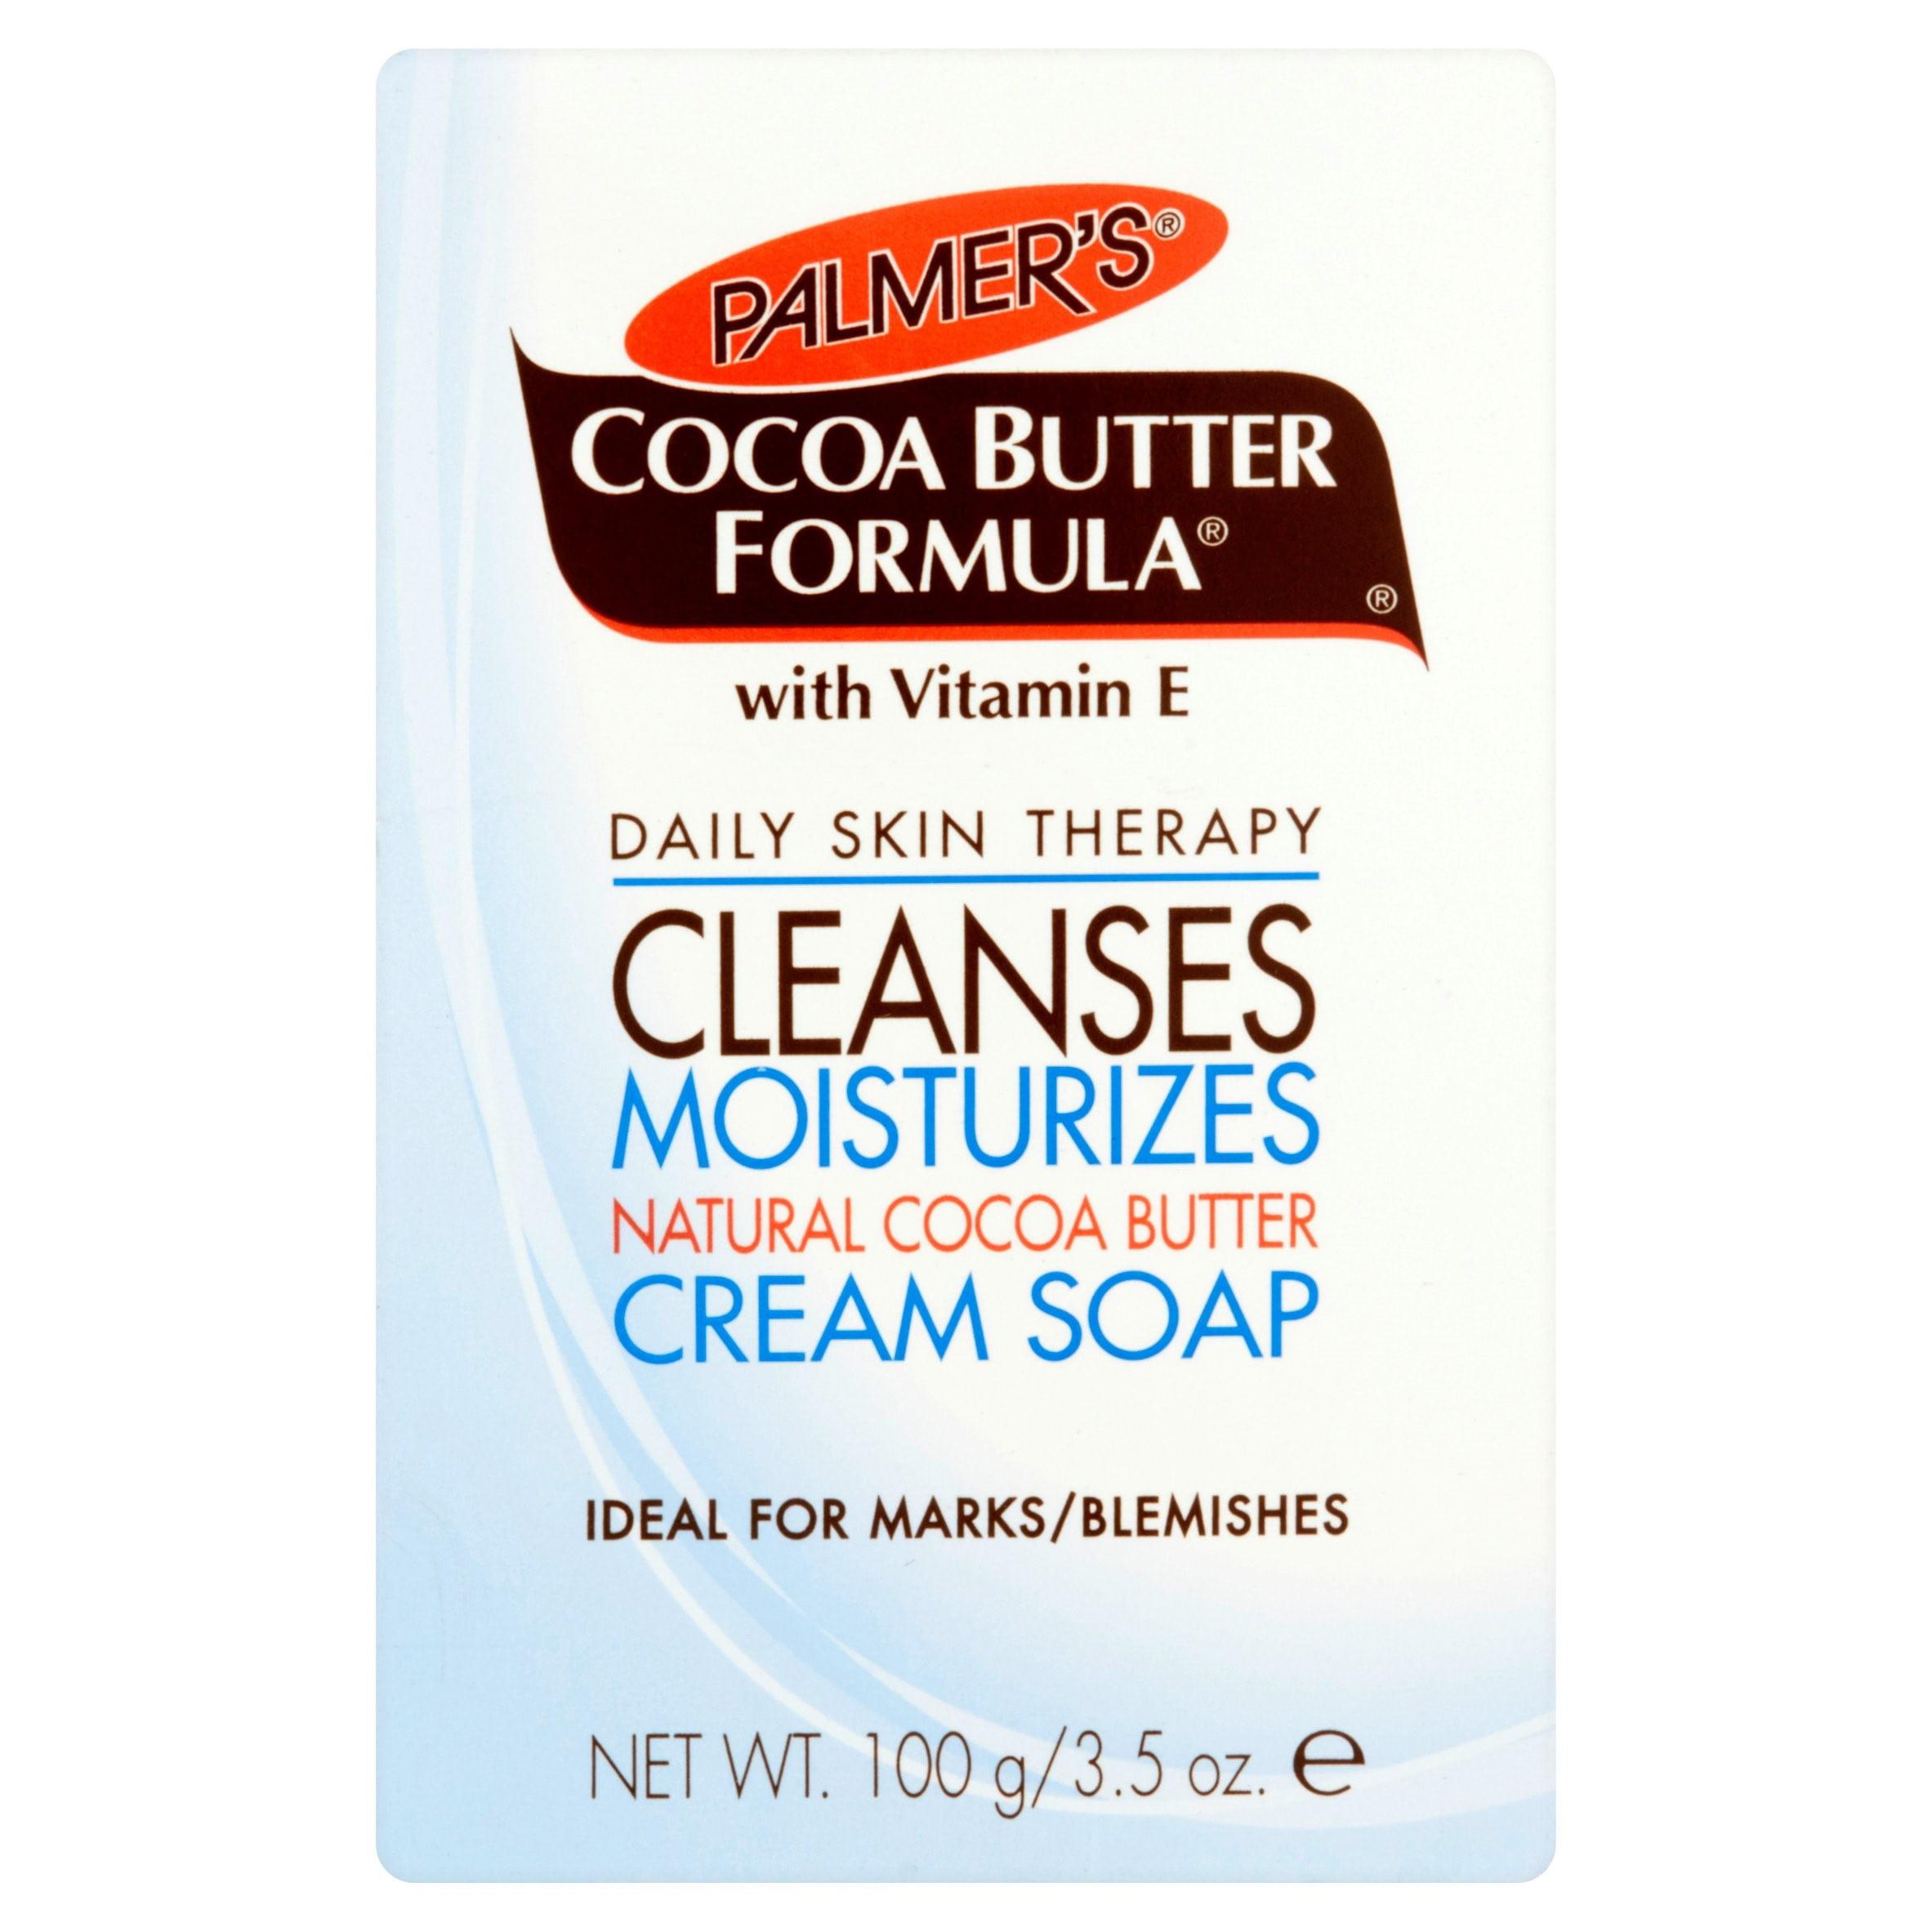 Palmer's Cocoa Butter Formula Cream Soap, 3.5 oz